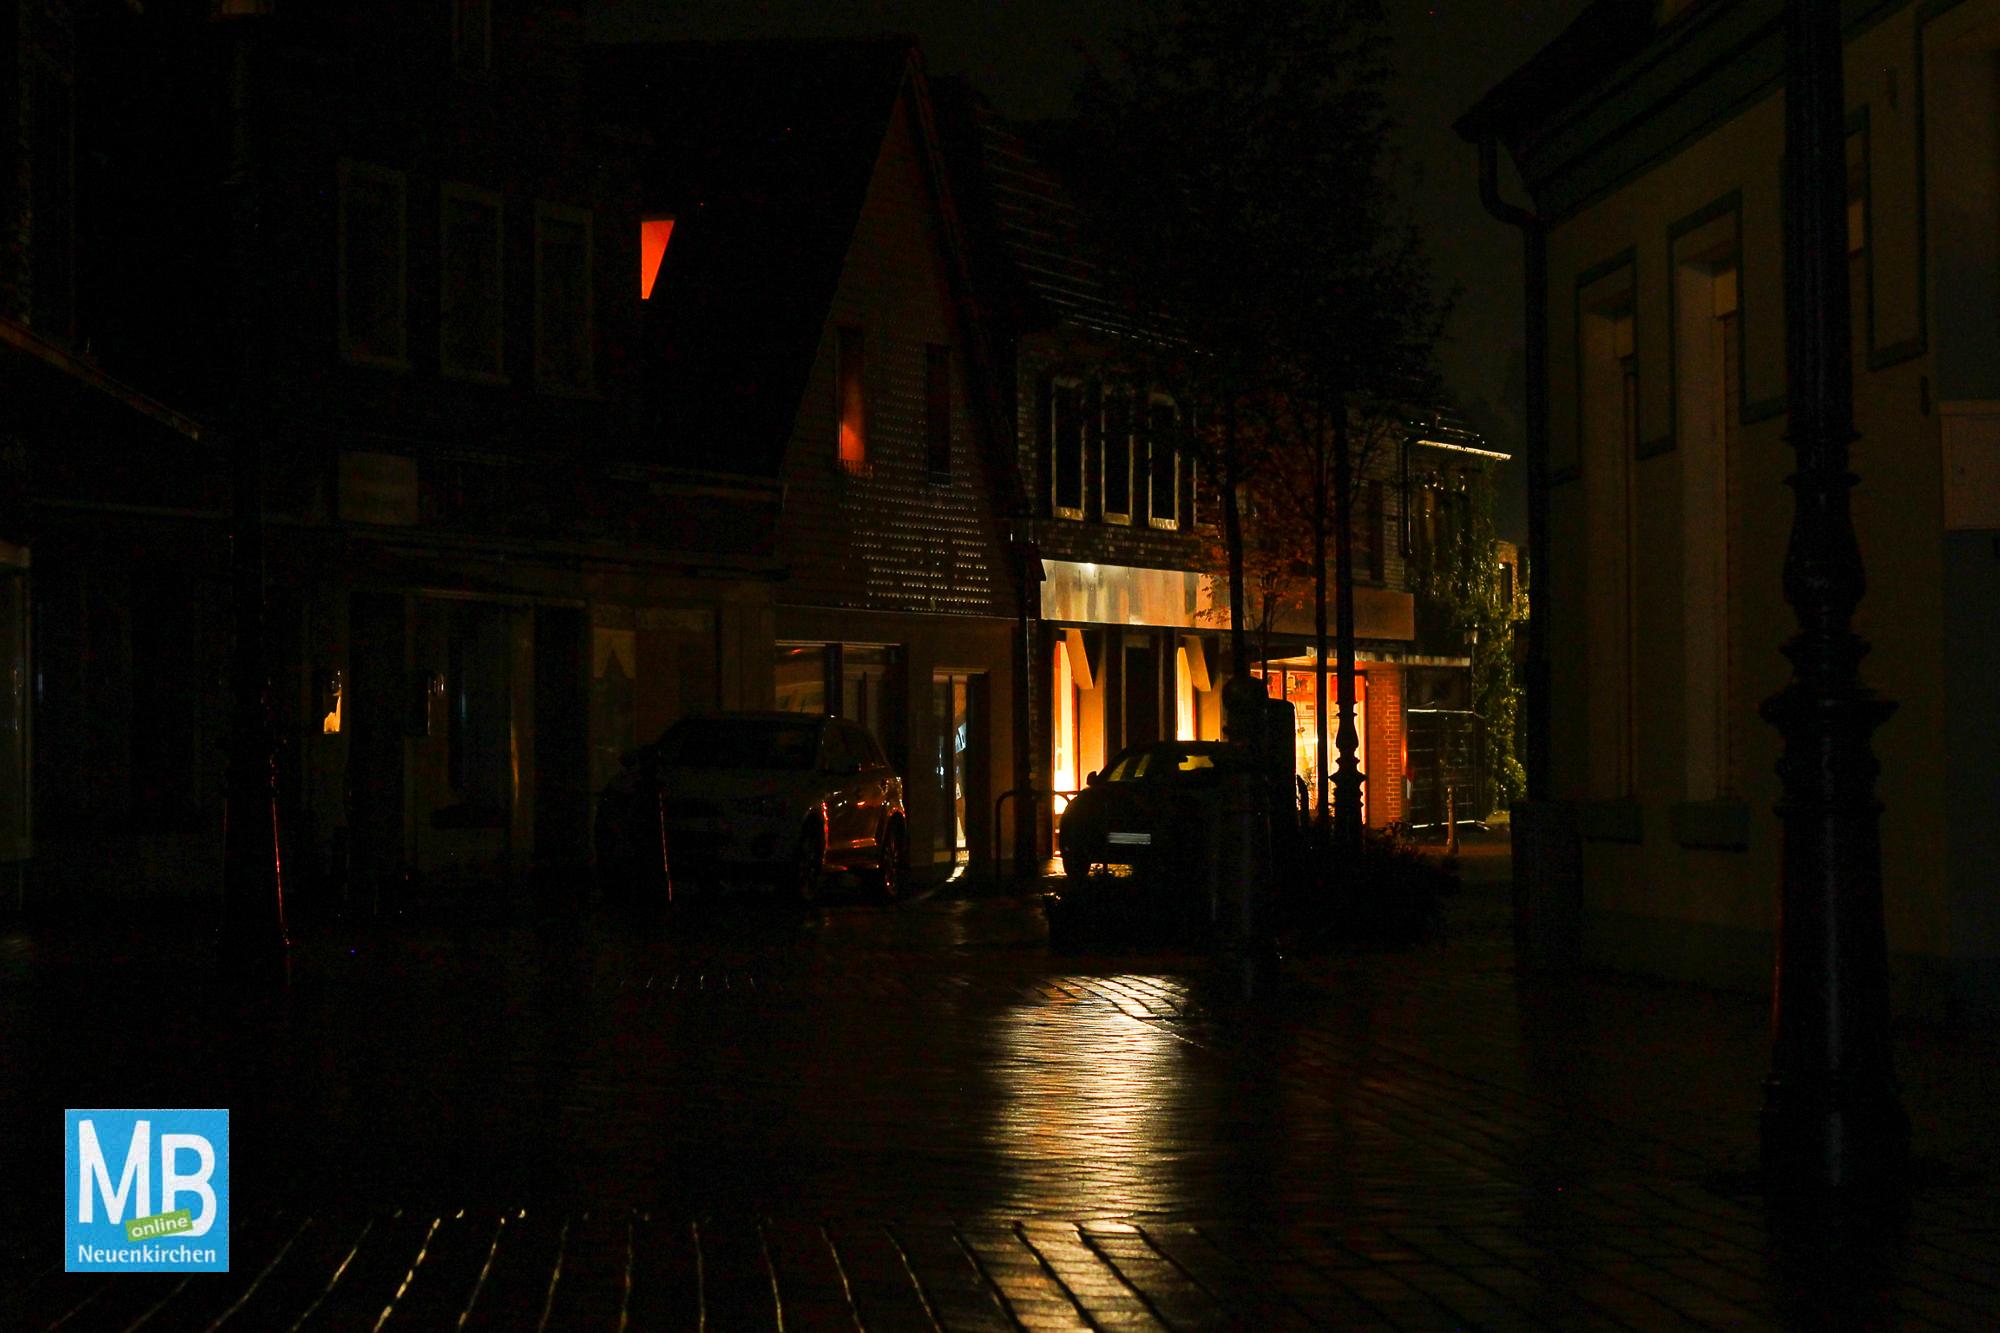 Stromausfall in der Fußgängerzone in der gestrigen Nacht. | Foto: Kaumanns